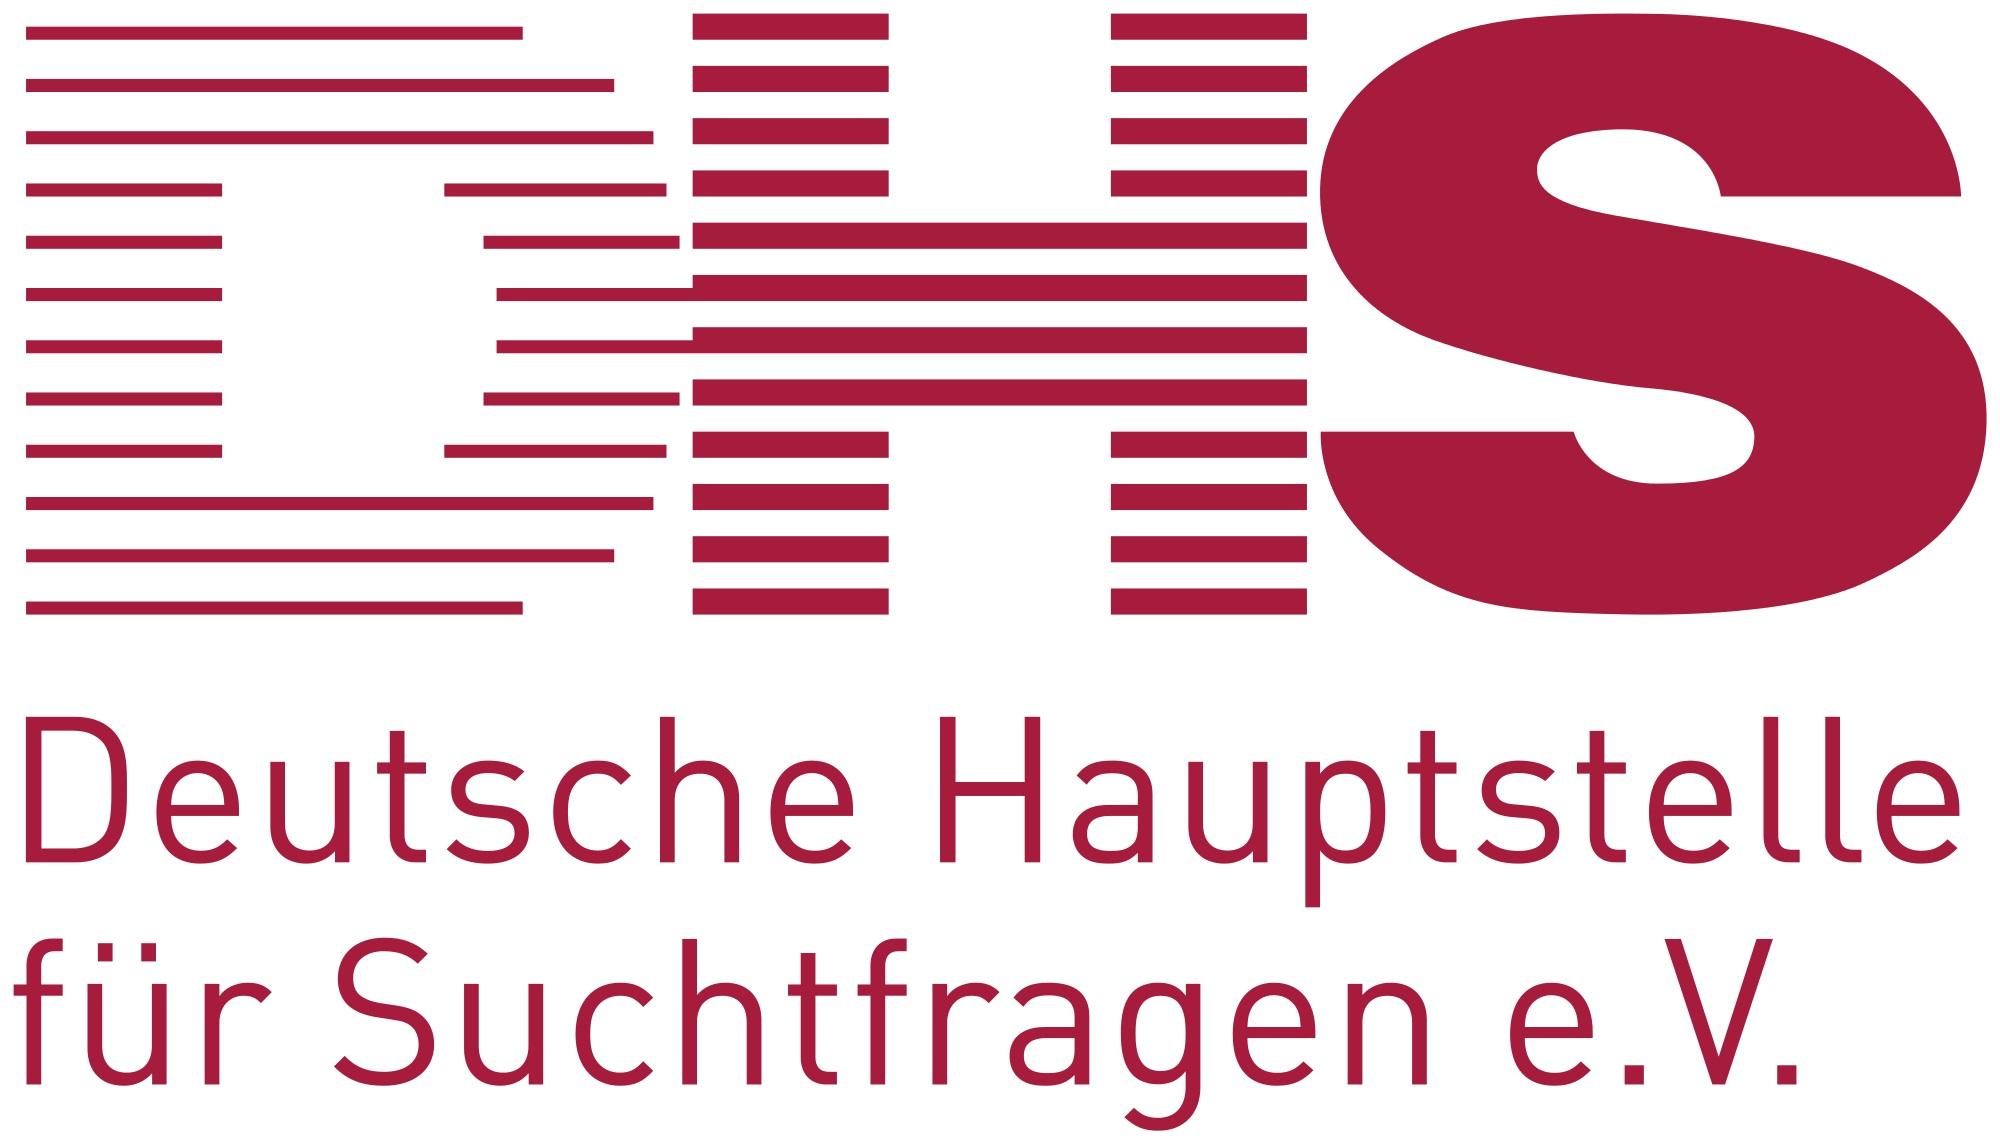 Deutsche Hauptstelle für Suchtfragen e.V